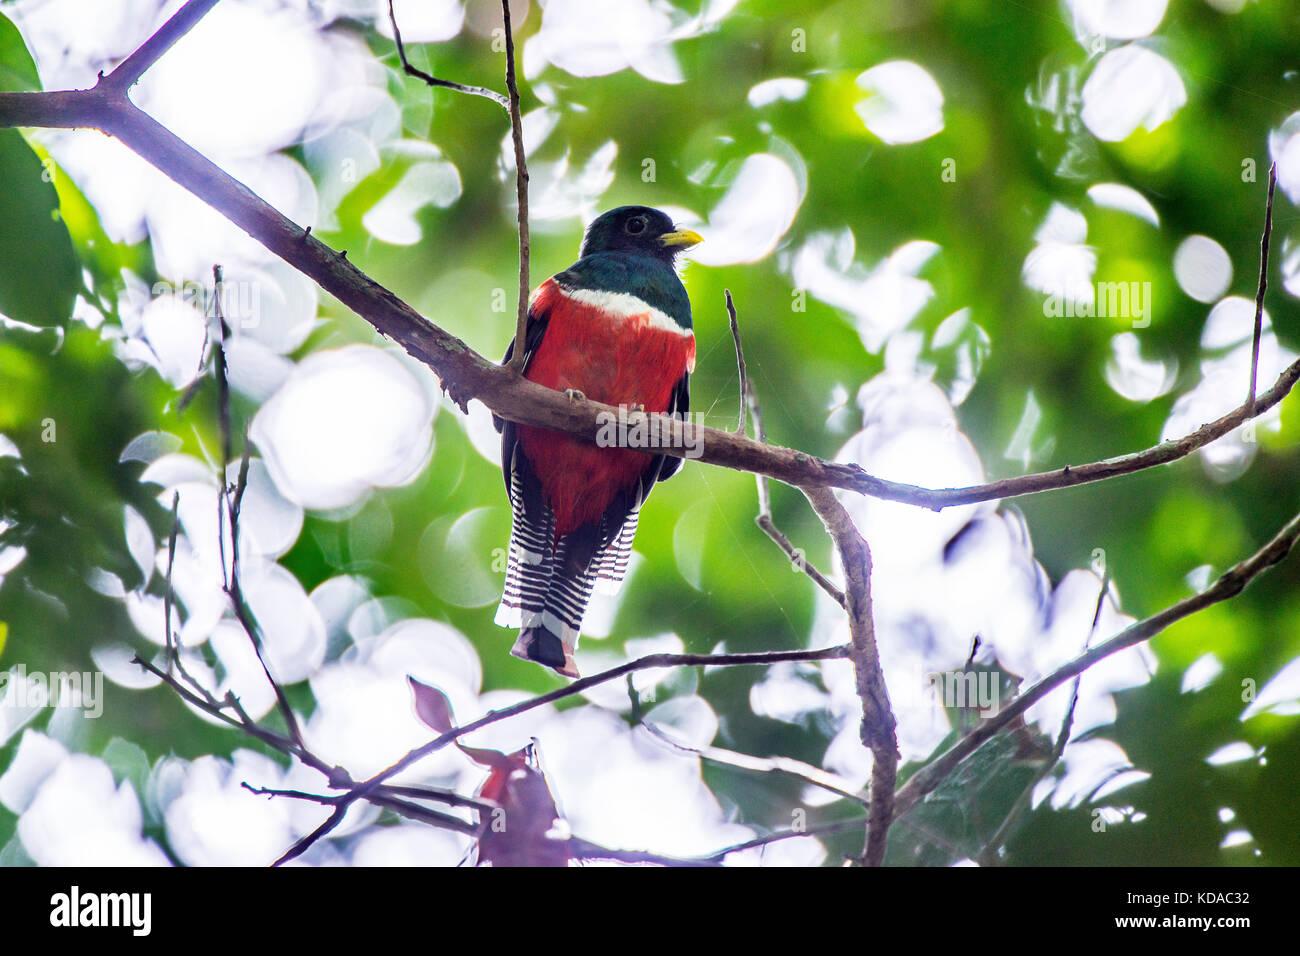 """""""Urucuá-de-coleira (Trogon collaris) fotografado em linhares, Espírito Santo, sudeste de Brasil. Imagen De Stock"""